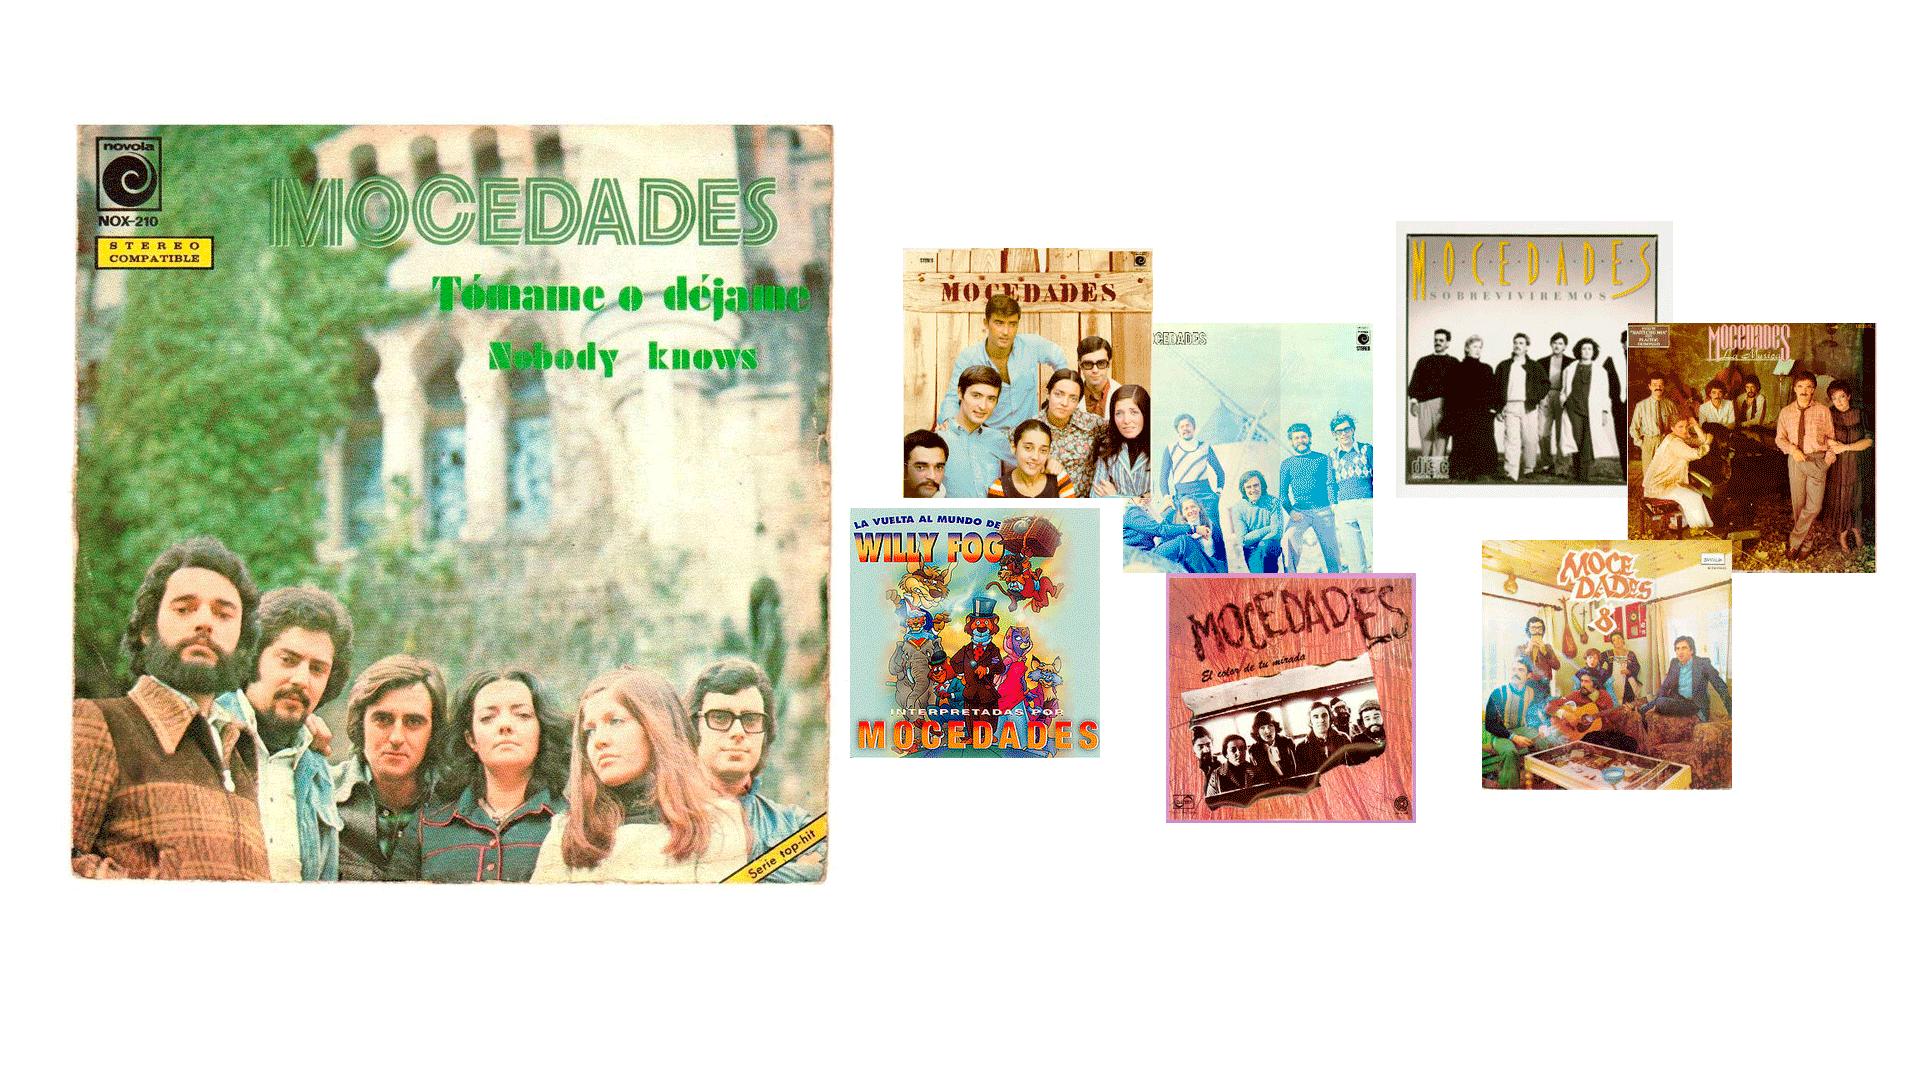 portadas-de-discos-de-mocedades-home01-1